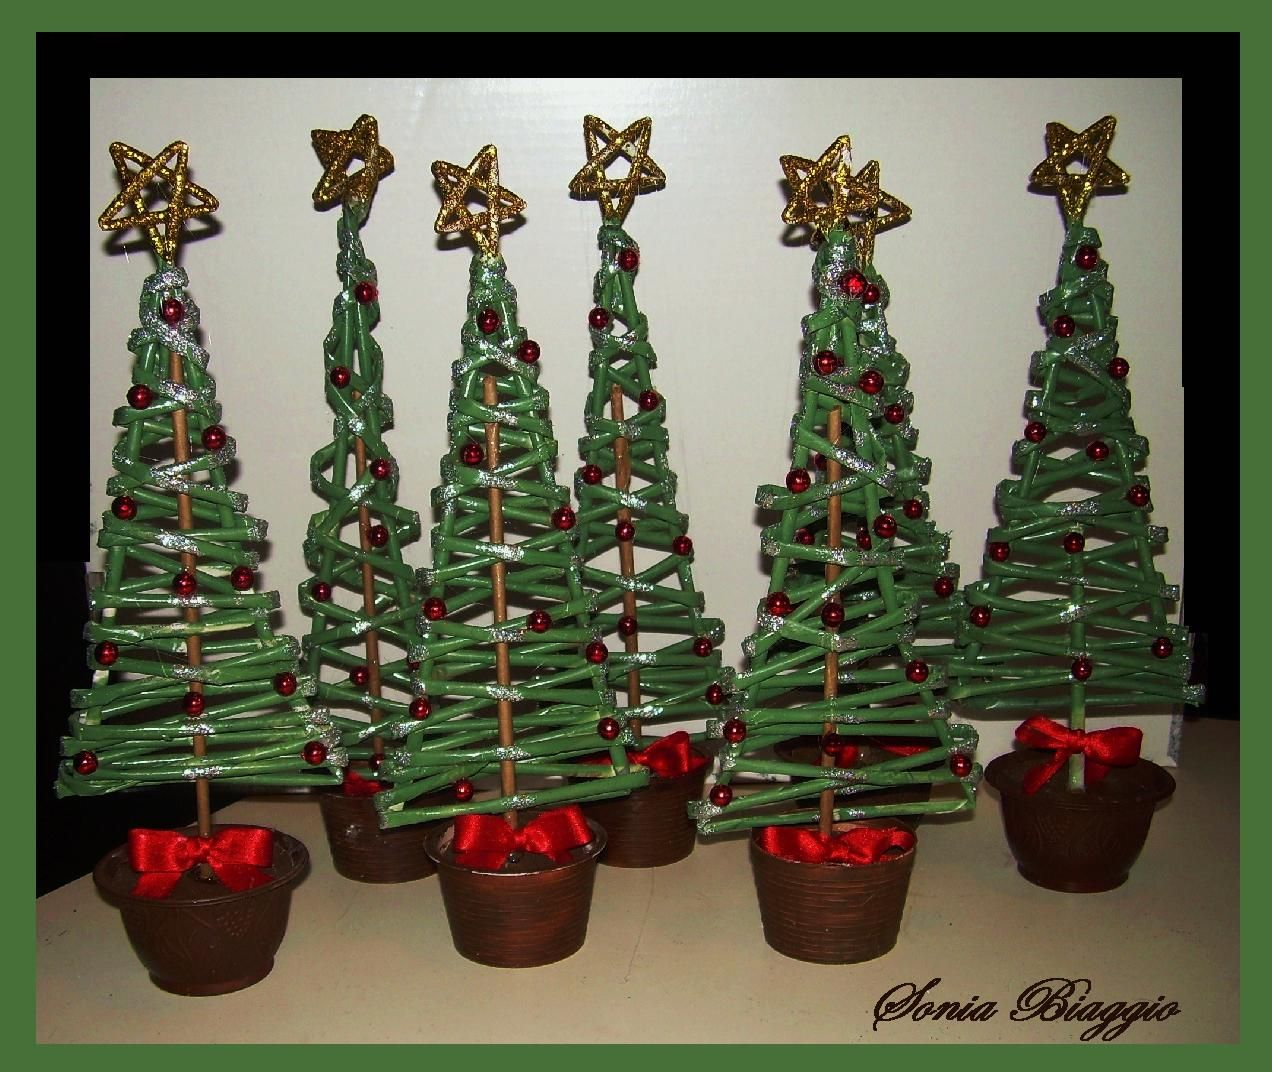 Albero Di Natale Con Cannucce Di Carta.Alberi Di Natale Con Cannucce Di Carta Artigianato Giornale Natale Ornamenti Natalizi